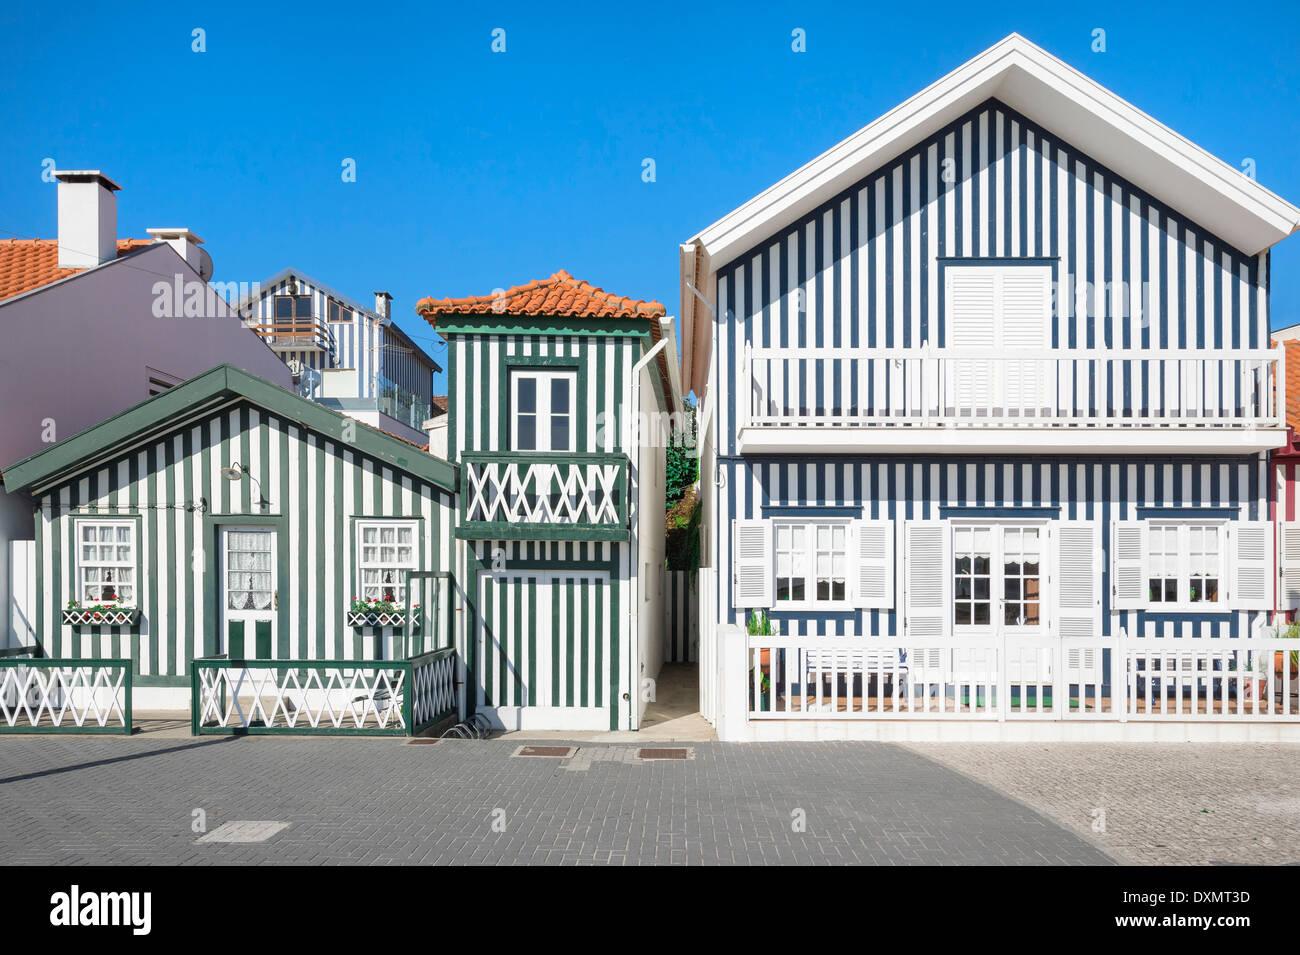 Palheiros, Typical colorful houses, Costa Nova, Aveiro, Beira, Portugal Stock Photo